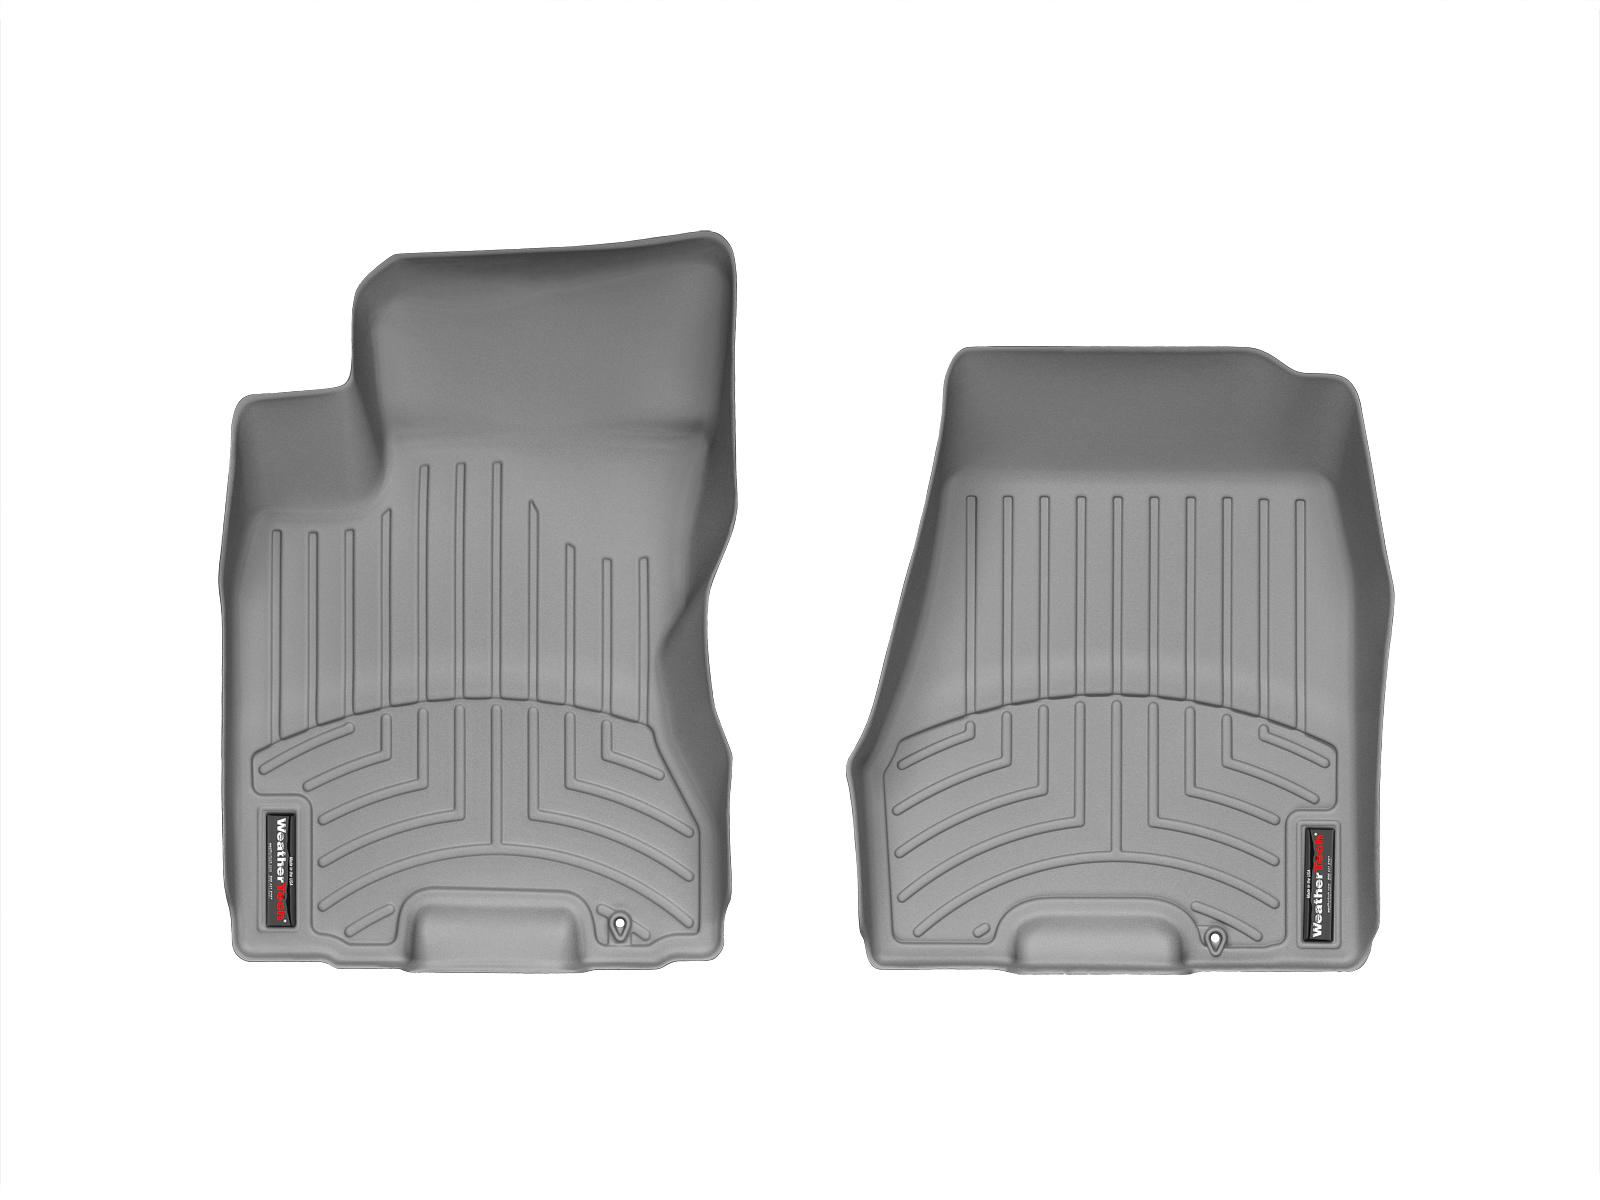 Tappeti gomma su misura bordo alto Nissan X-Trail 08>13 Grigio A2925